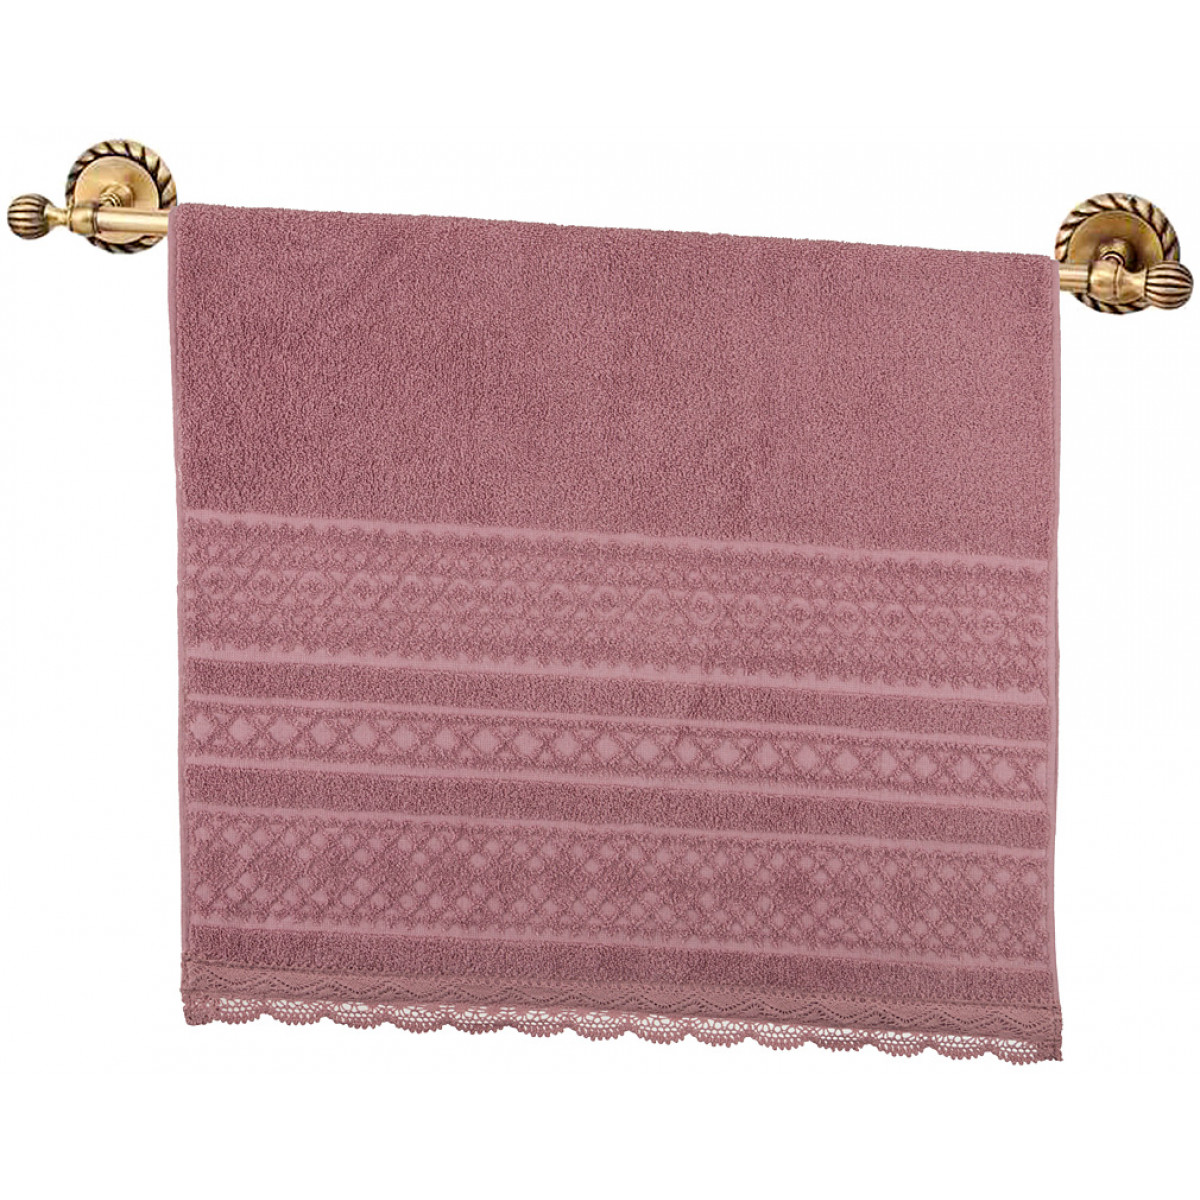 Полотенца Santalino Полотенце Scarlet  (50х90 см) bizet полотенце 50 90 см 971252